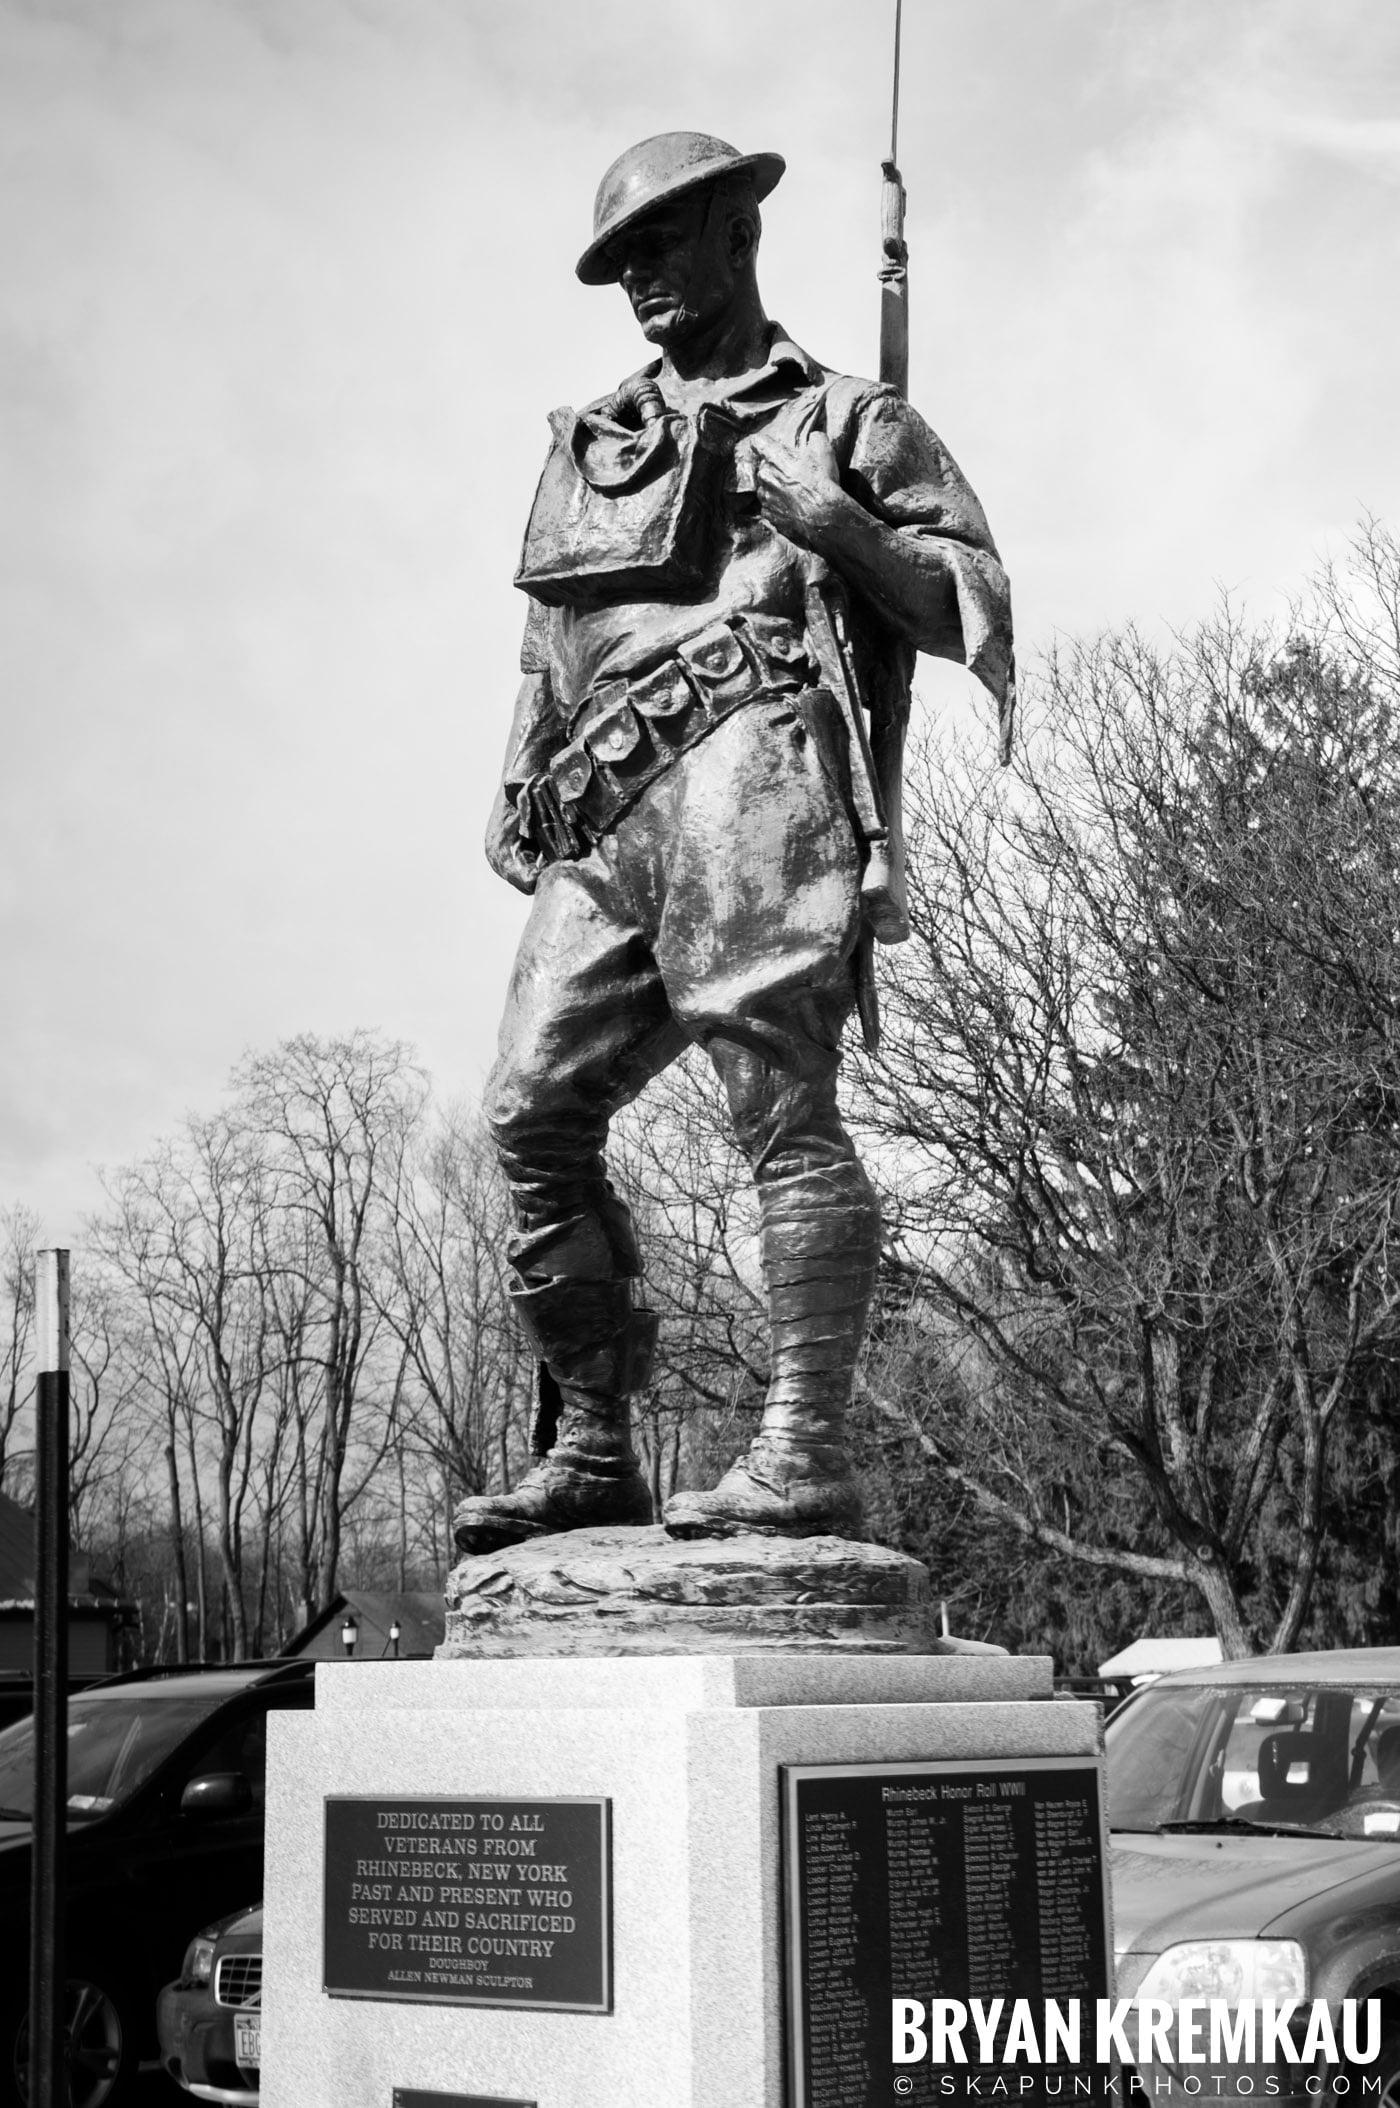 Valentine's Day Trip @ Rhinebeck, FDR's Home, Vanderbilt, Wilderstein Historic Site, NY - 2.14.10 (58)